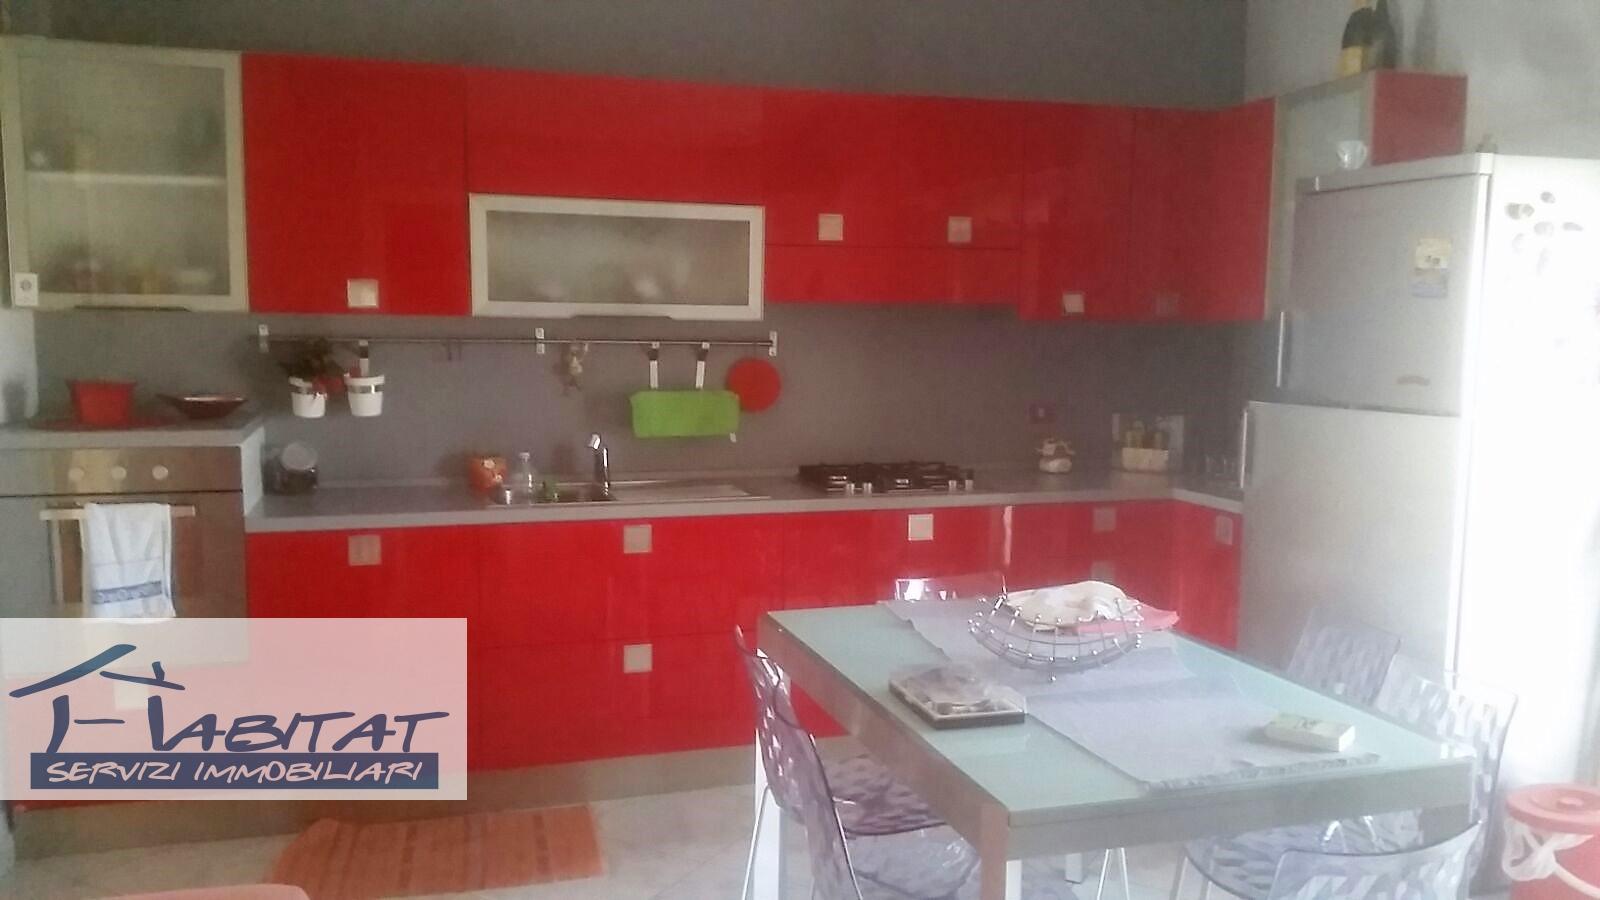 Appartamento in vendita a Agrigento, 5 locali, zona Zona: Fontanelle, prezzo € 100.000 | CambioCasa.it